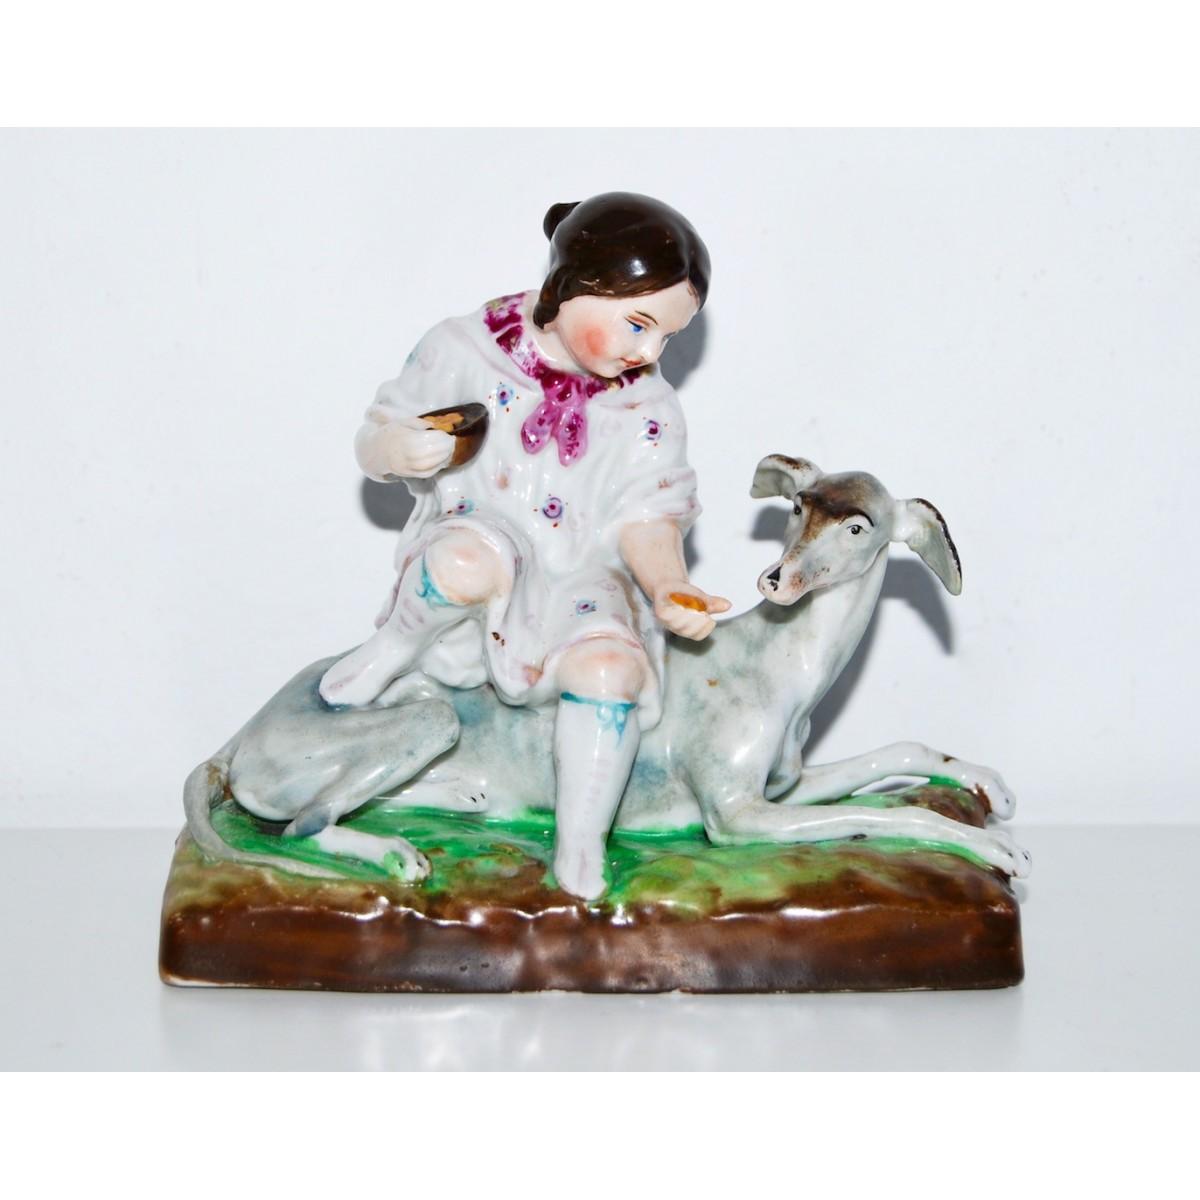 Figuras de niña y galgo, porcelana alemana (1880-1890)